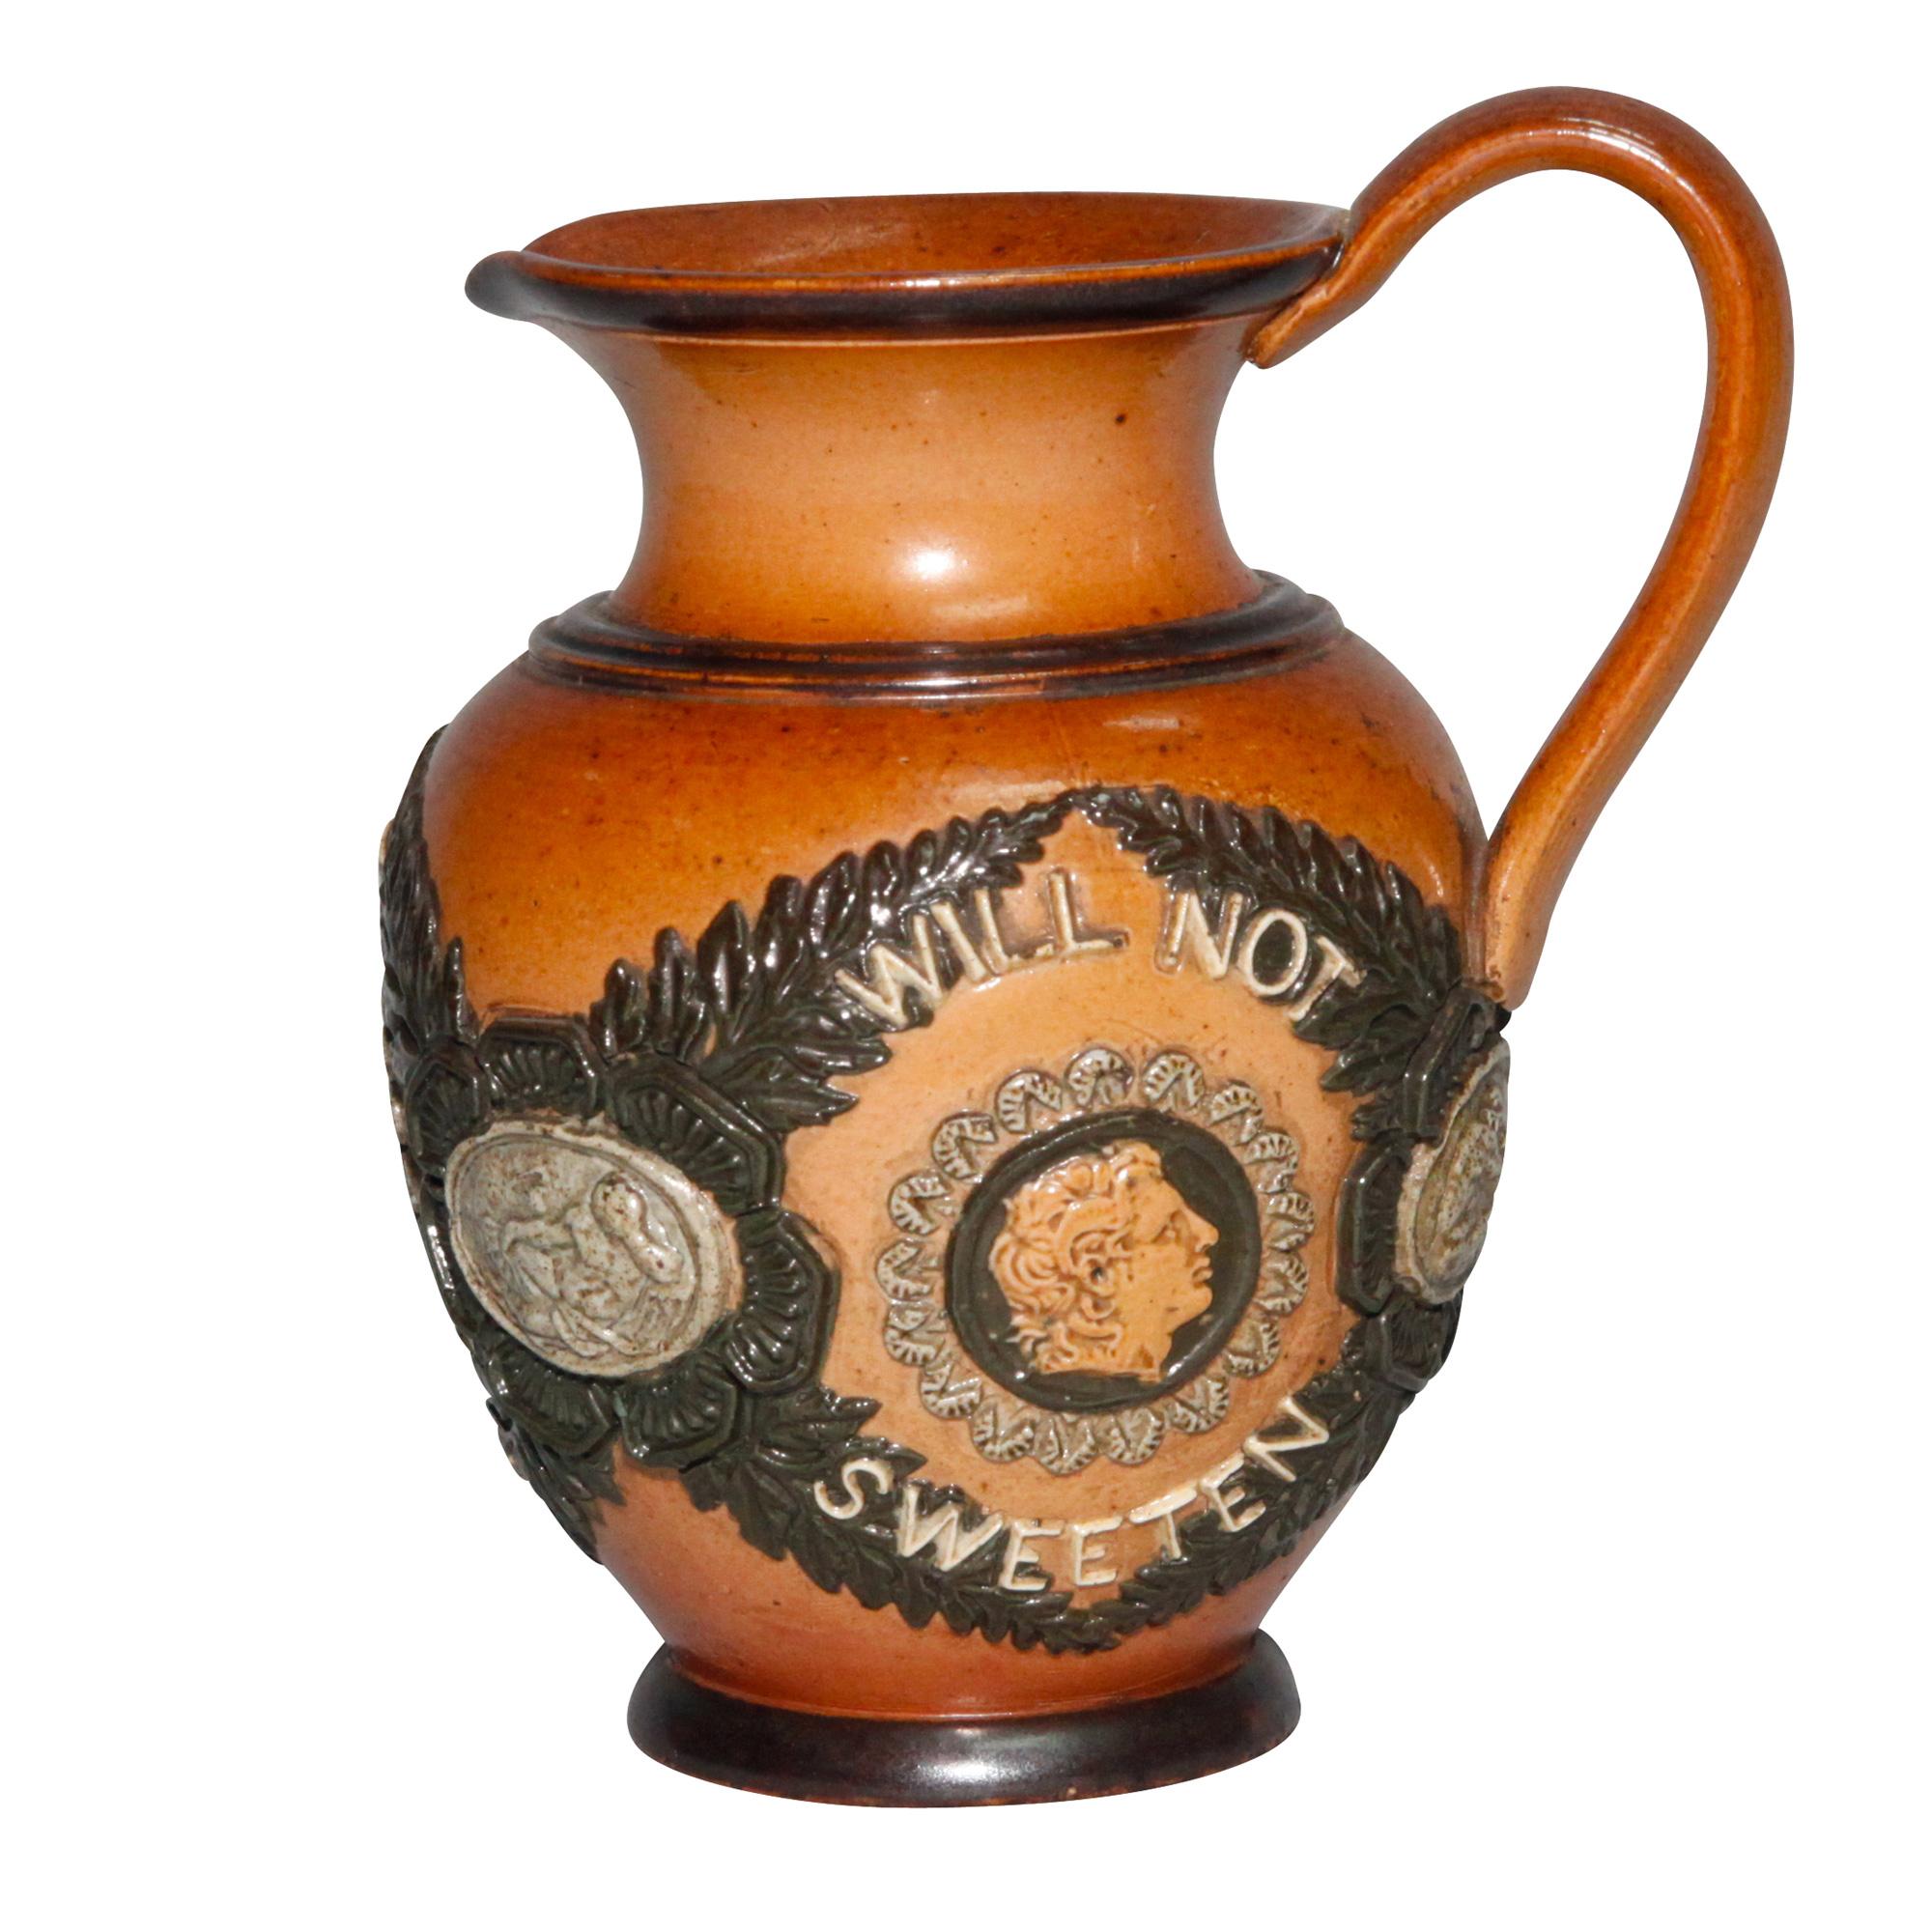 Stoneware Sayings Pitcher